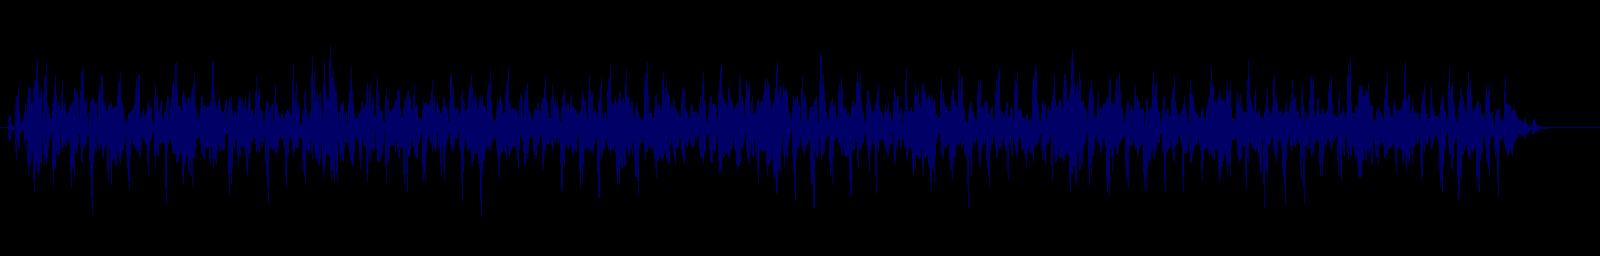 waveform of track #150262